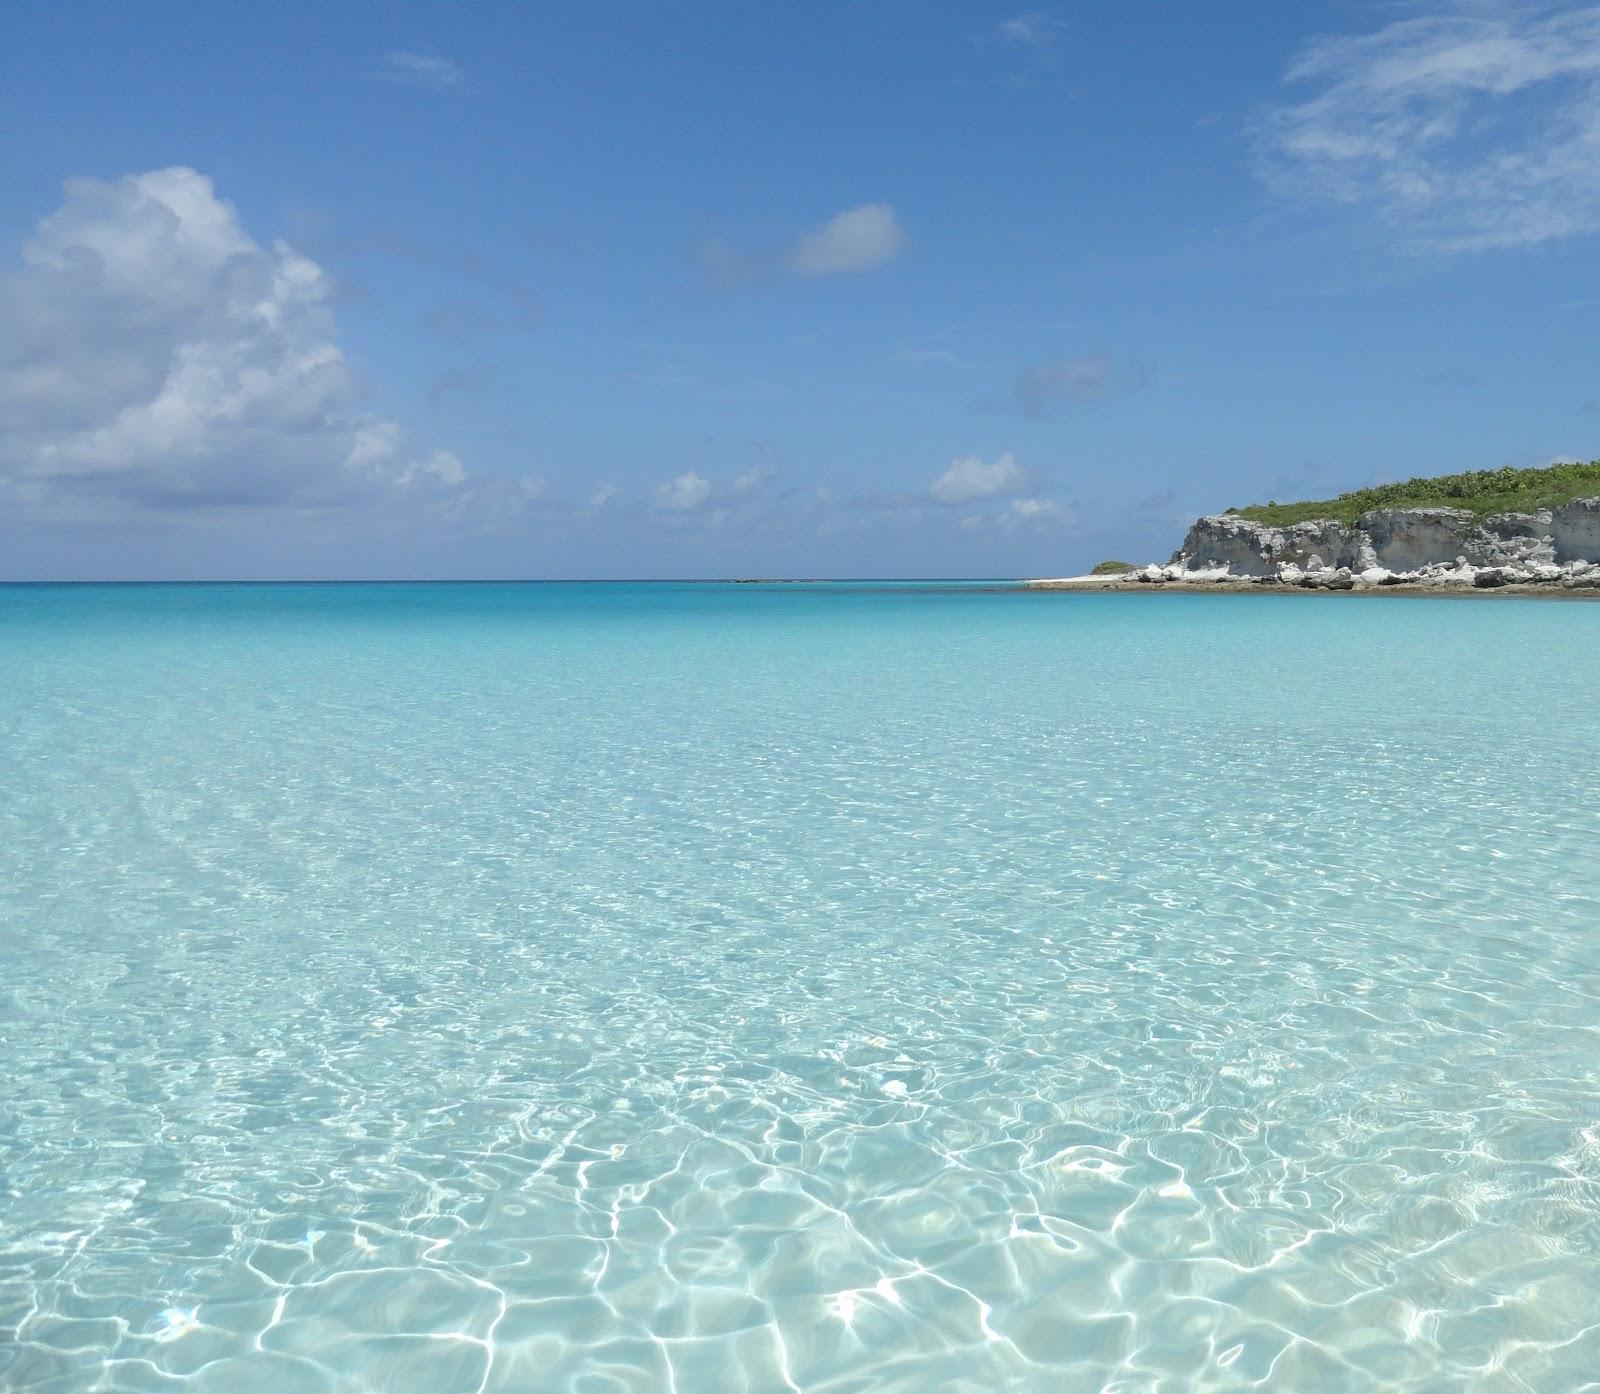 Bahamas Beach: Log Of Sailing Vessel Jade: The Bahamas, Aaah